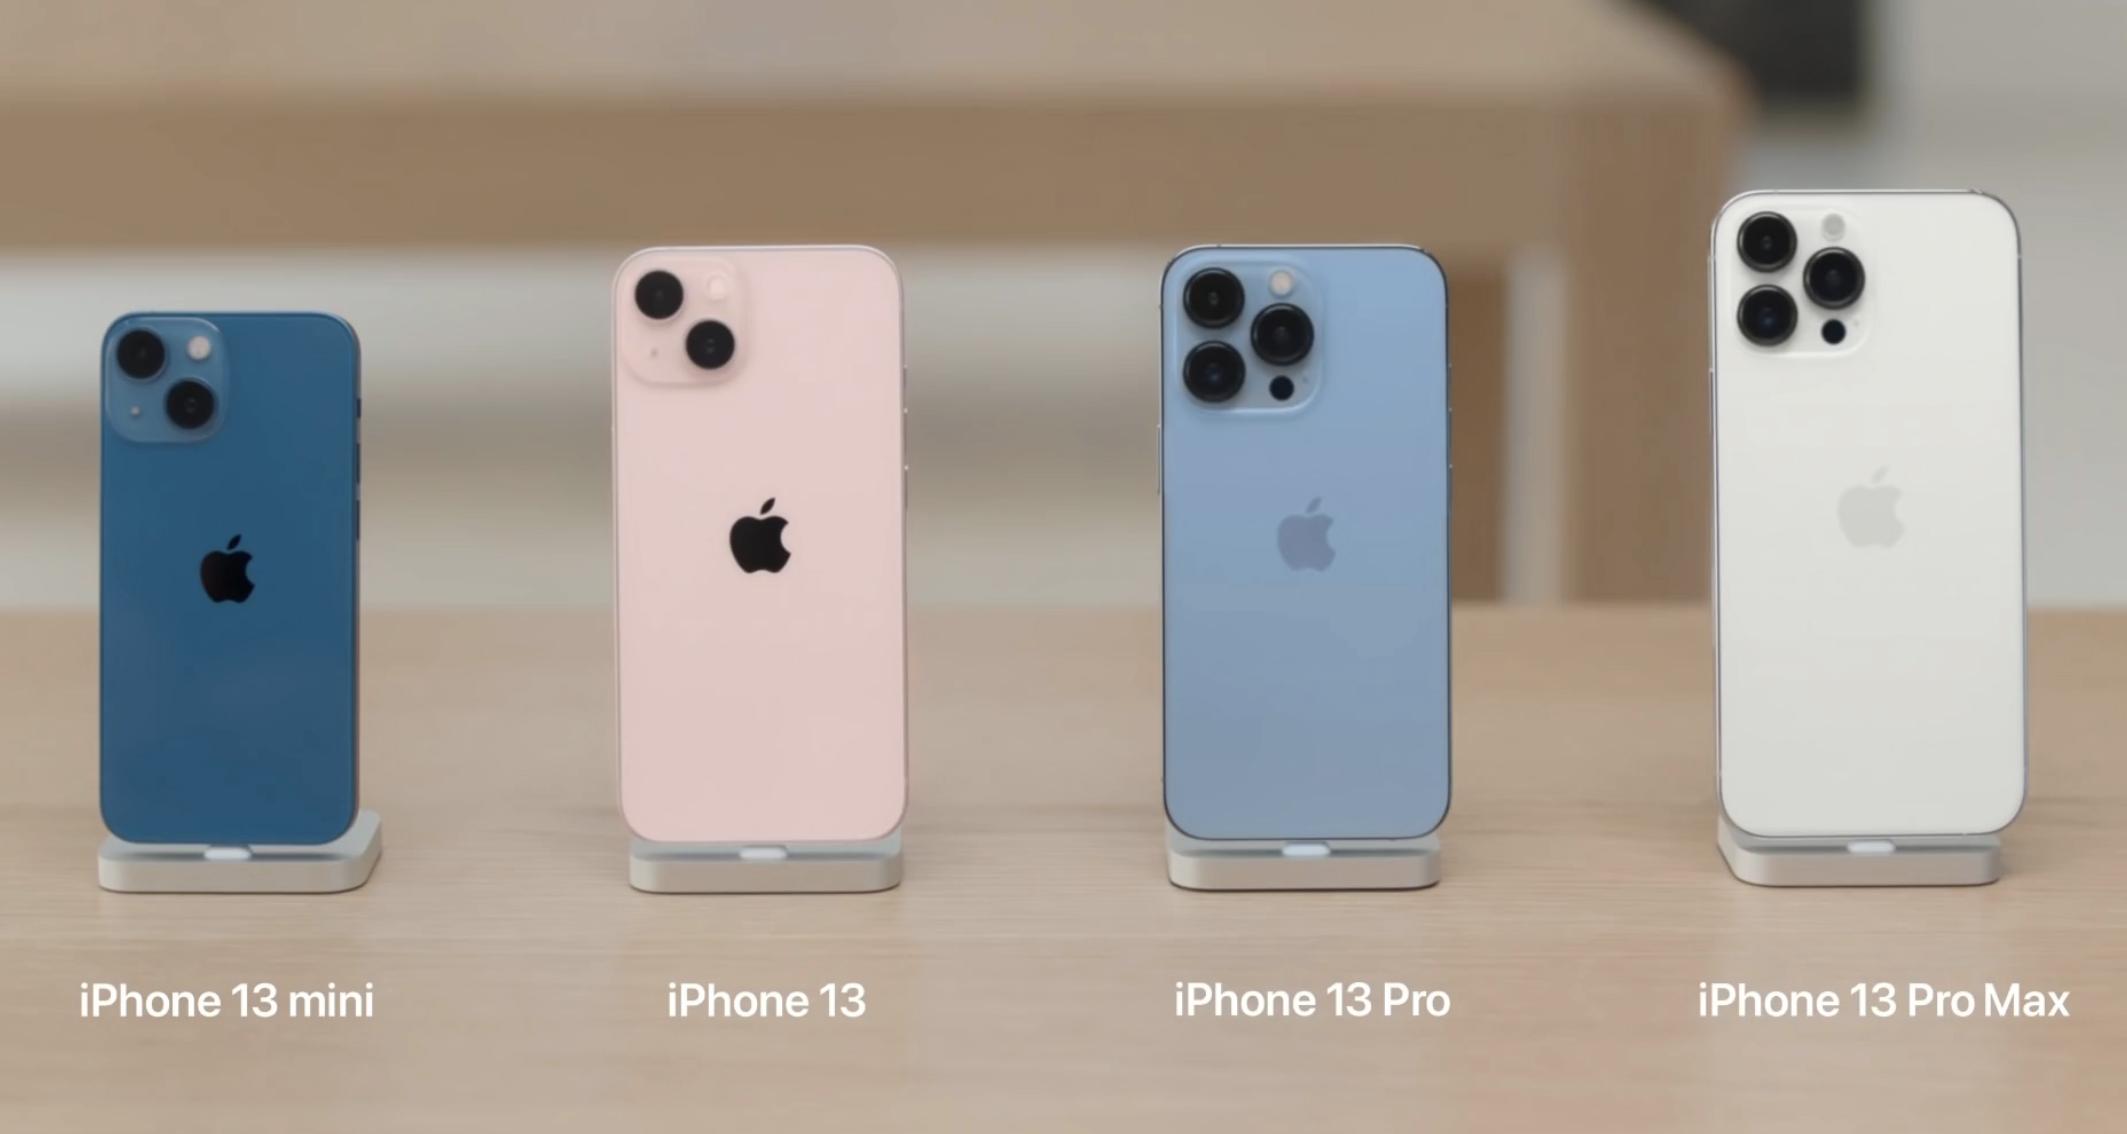 iPhone 13 màu hồng nhận được nhiều sự quan tâm từ người dùng. Ảnh: Weibo